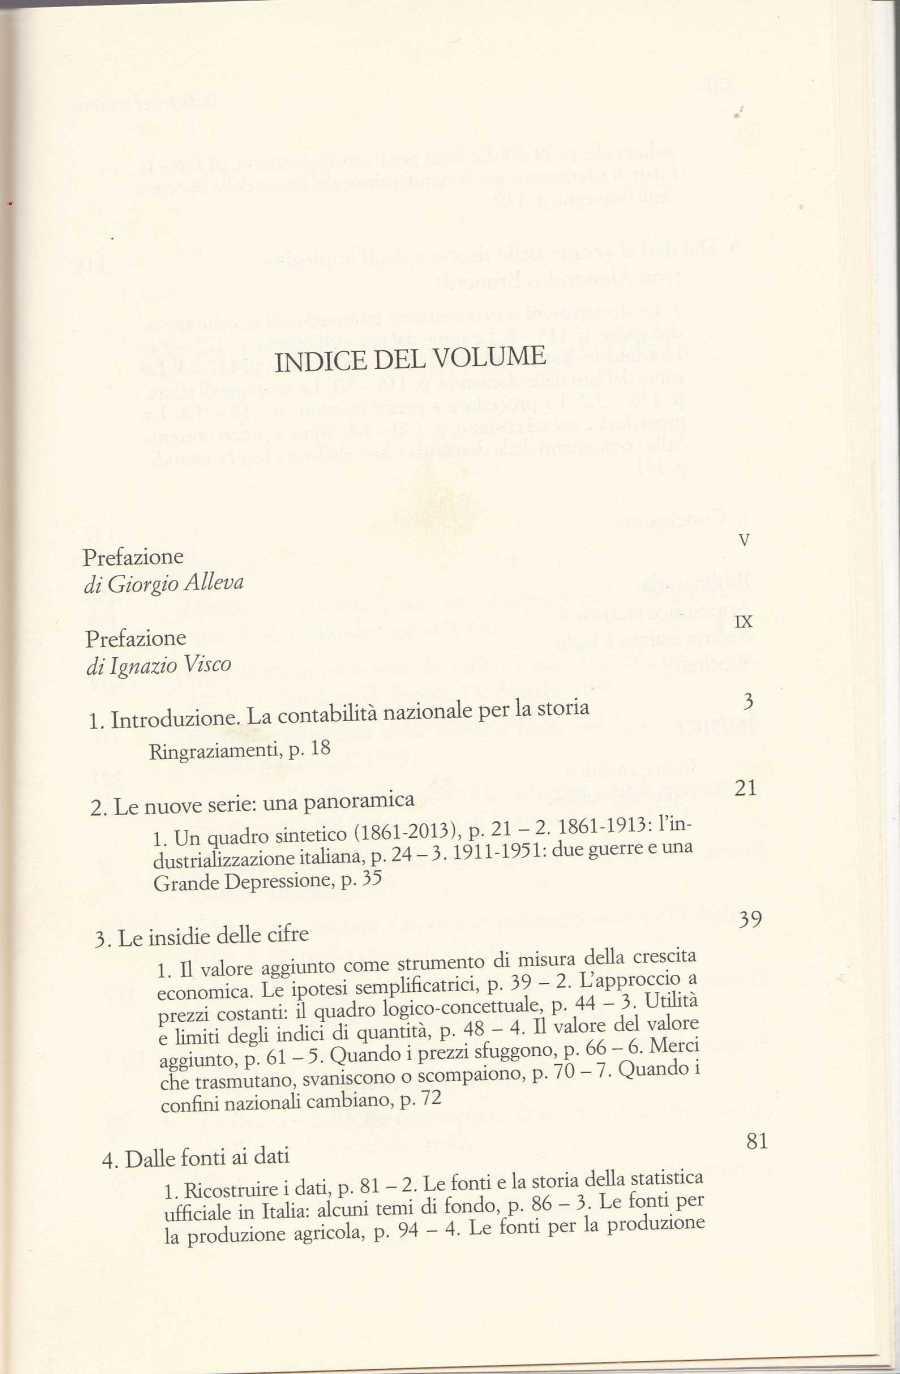 PIL STORIA ITALIA2820